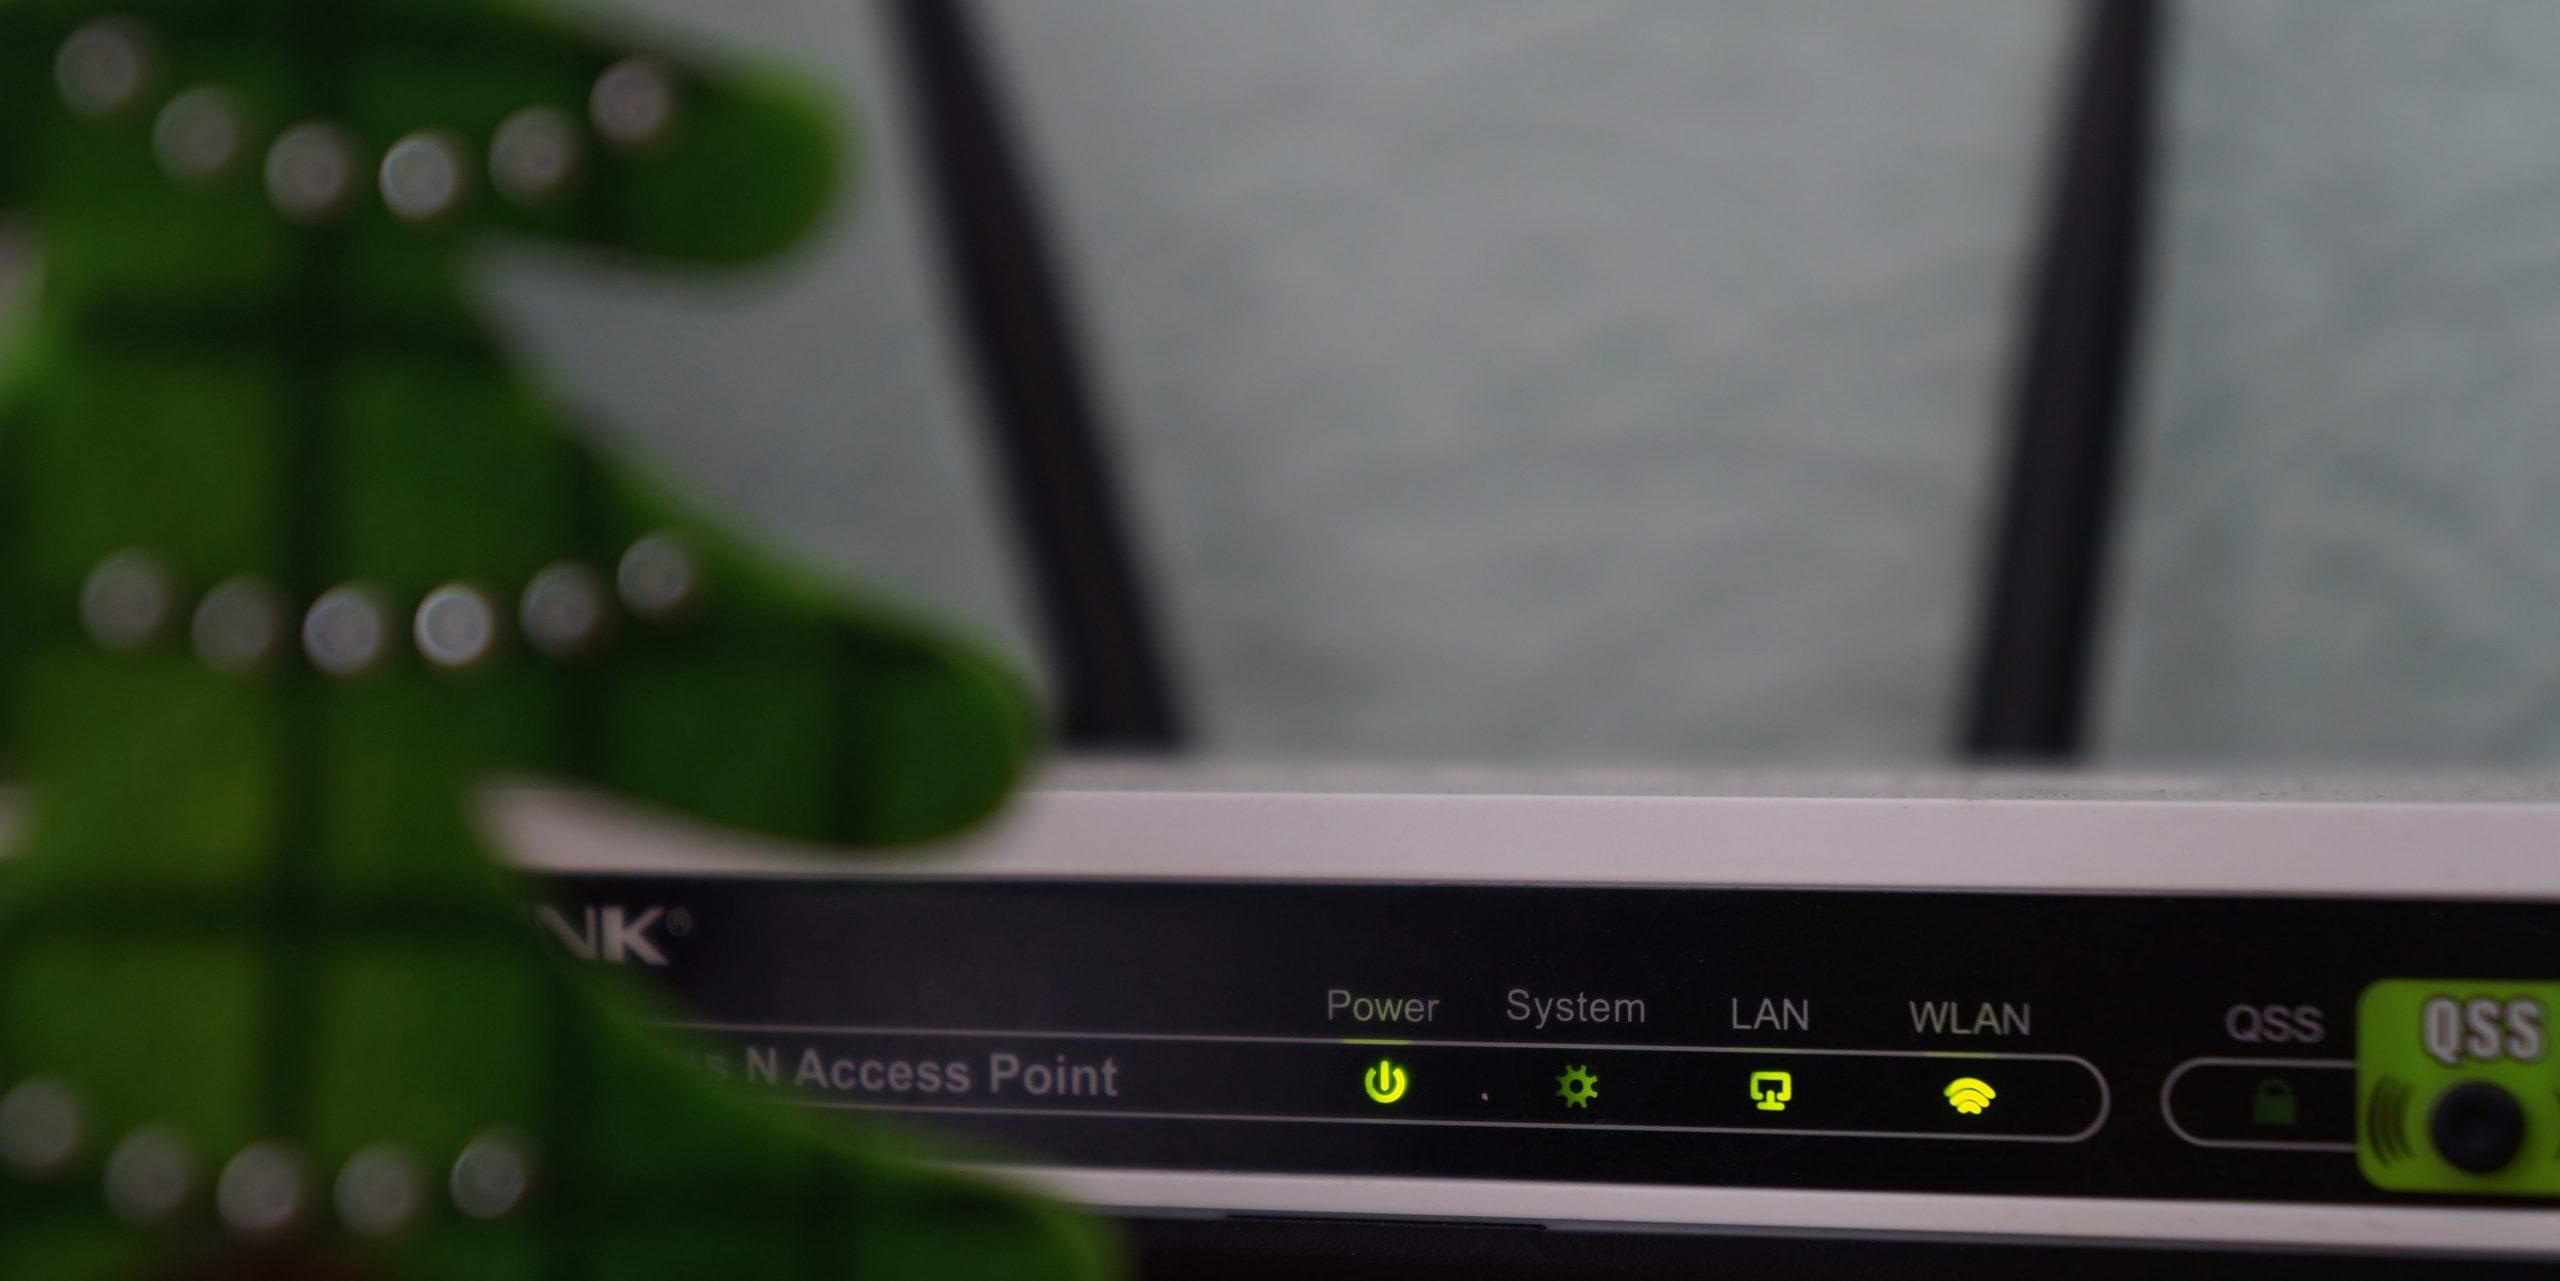 «Ростелеком» и Huawei представили роутер «Игровой RT-X» с искусственным интеллектом